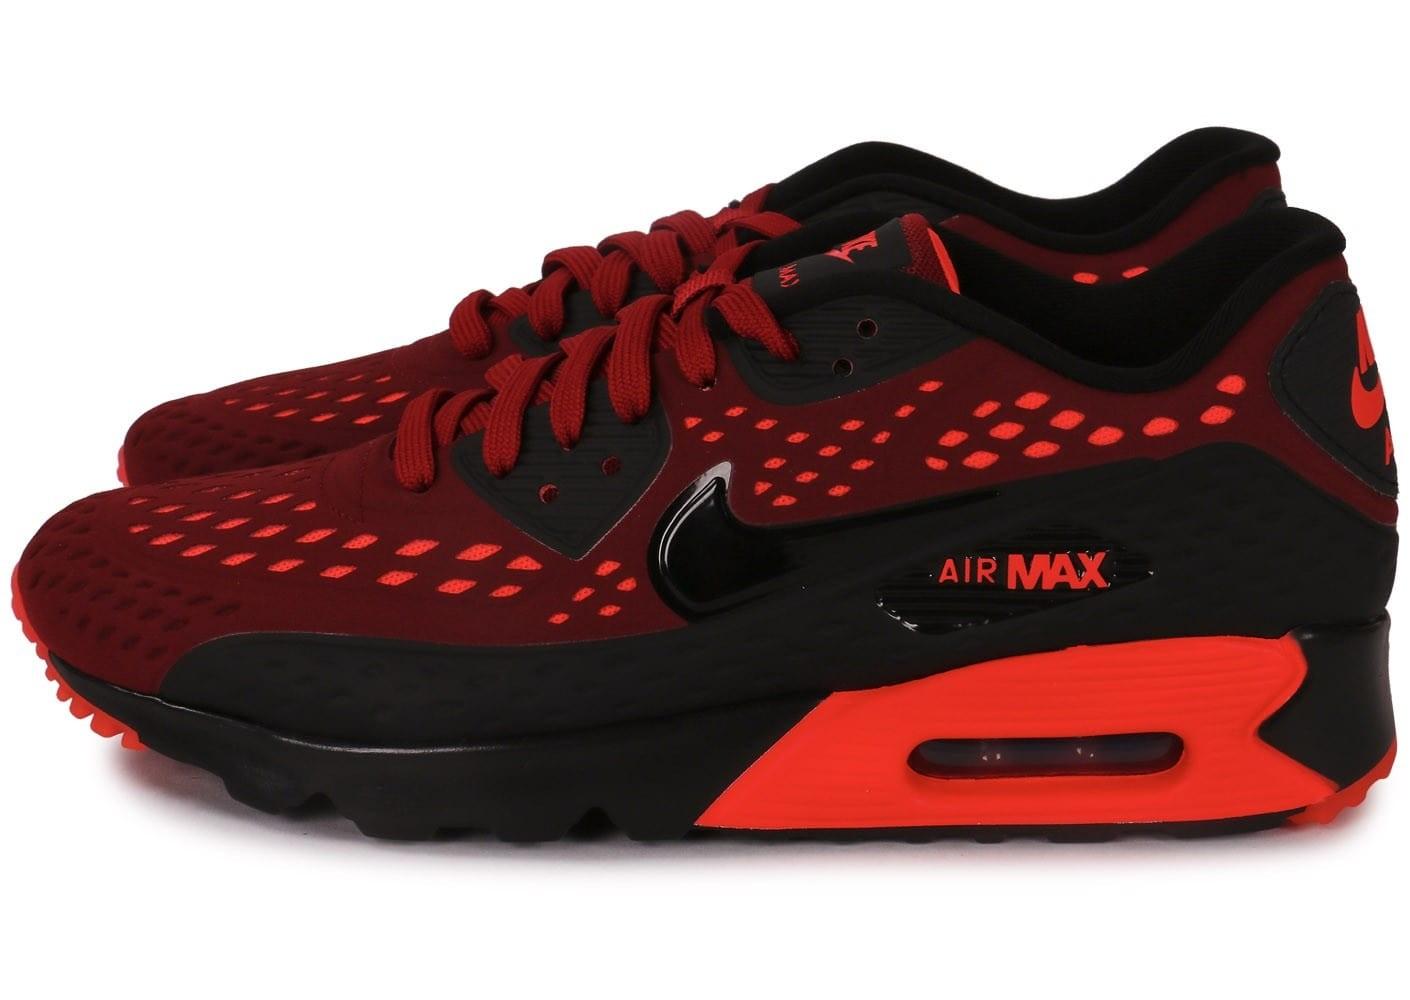 37af846a539 nike air max 90 rouge et noir